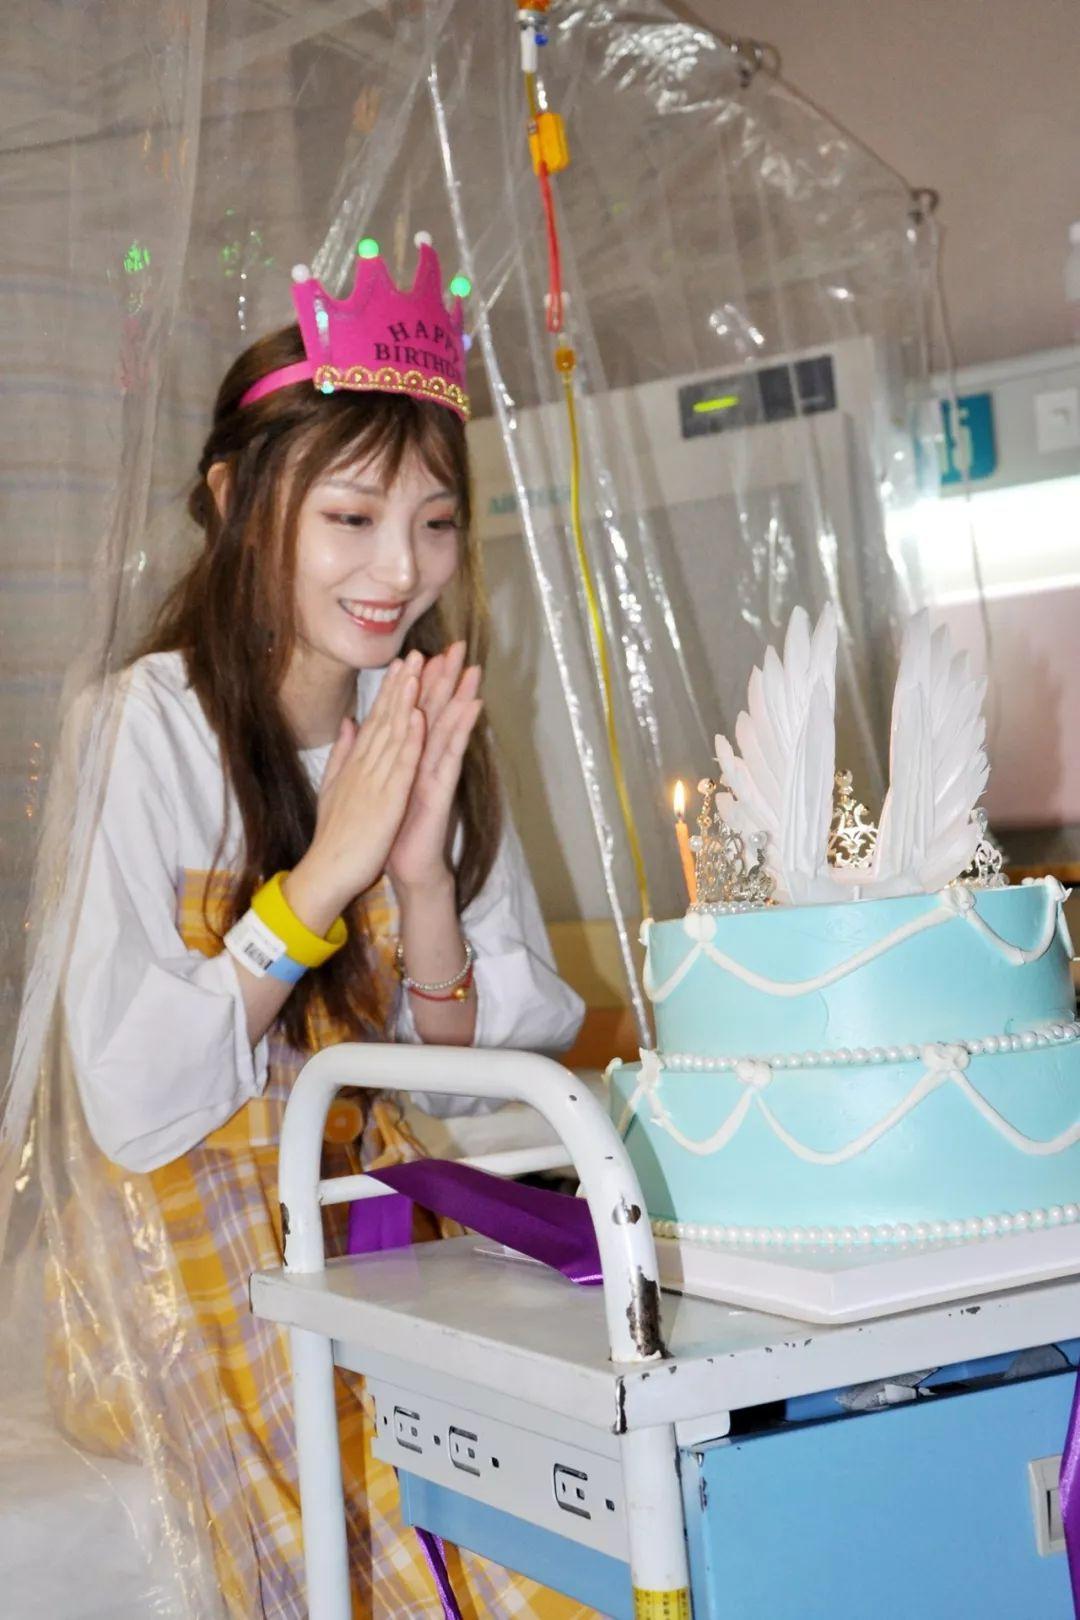 27岁白血病女主播昨天病房庆生,胡歌托人送来特别礼物